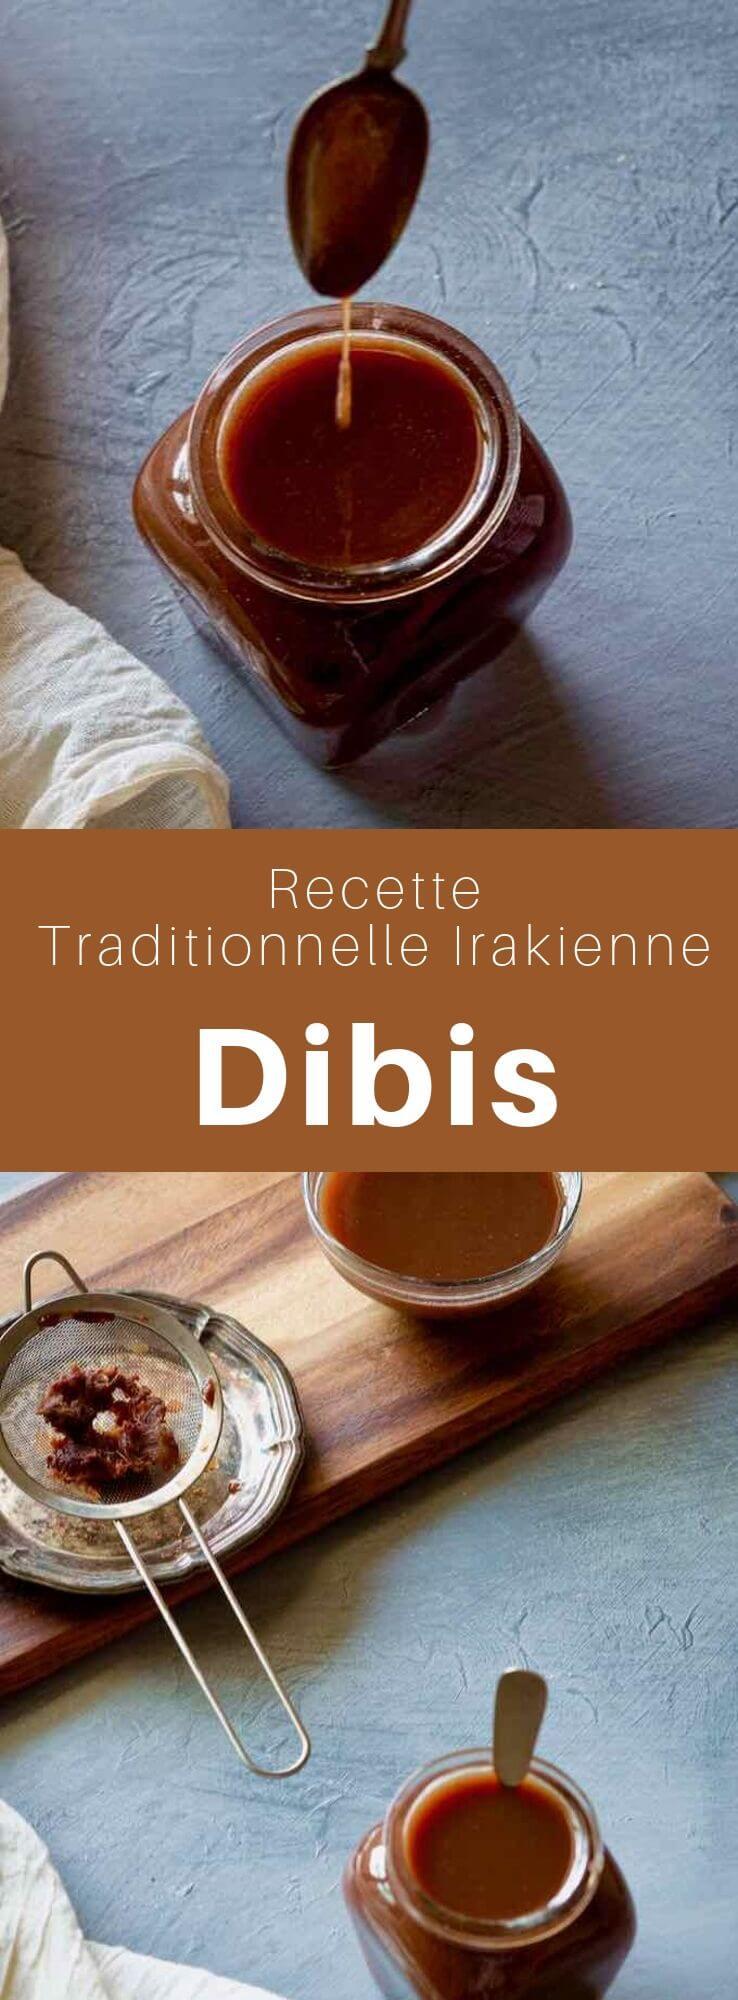 Le dibis est un sirop de dattes mis en conserve consommé en Irak et dans la majeure partie des pays du Moyen Orient. C'est un édulcorant naturel très nutritif. Les Irakiens l'utilisent dans plusieurs préparations culinaires. #Irak #RecetteIrakienne #CuisineIrakienne #CuisineDuMonde #196flavors